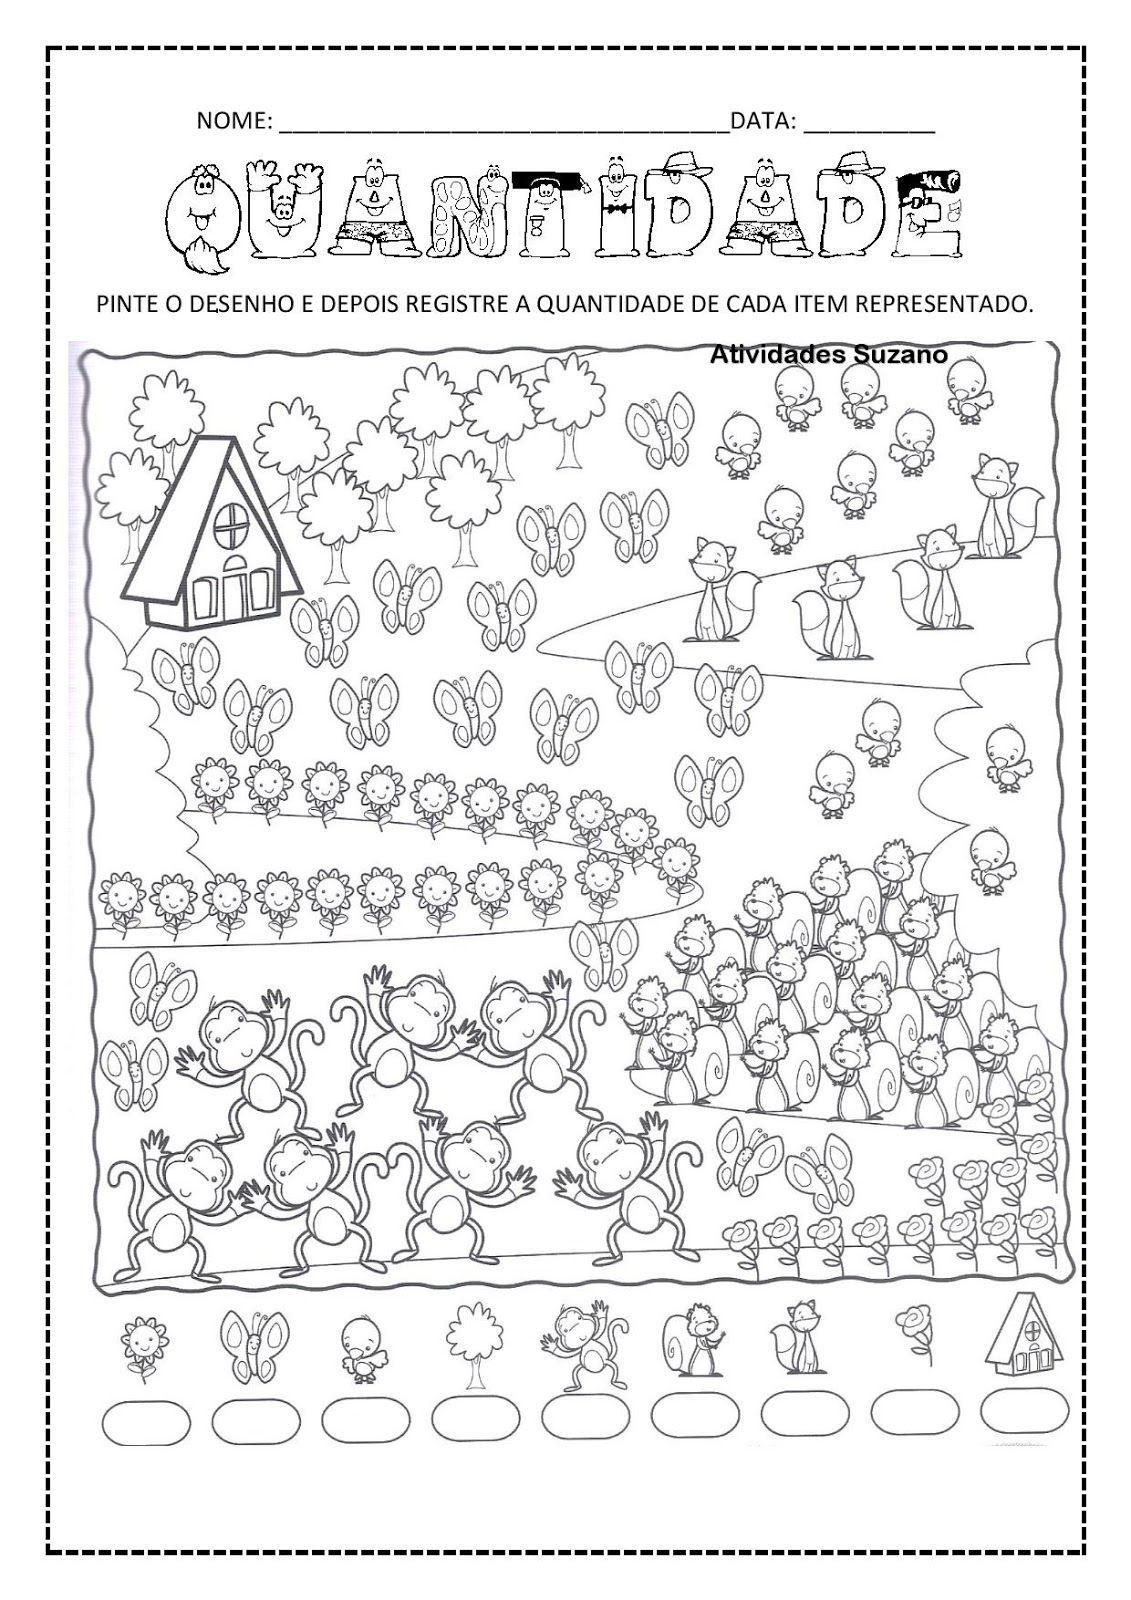 Quantidades Representa C3 A7 C3 A3o Page 002 Jpg 1 131 1 600